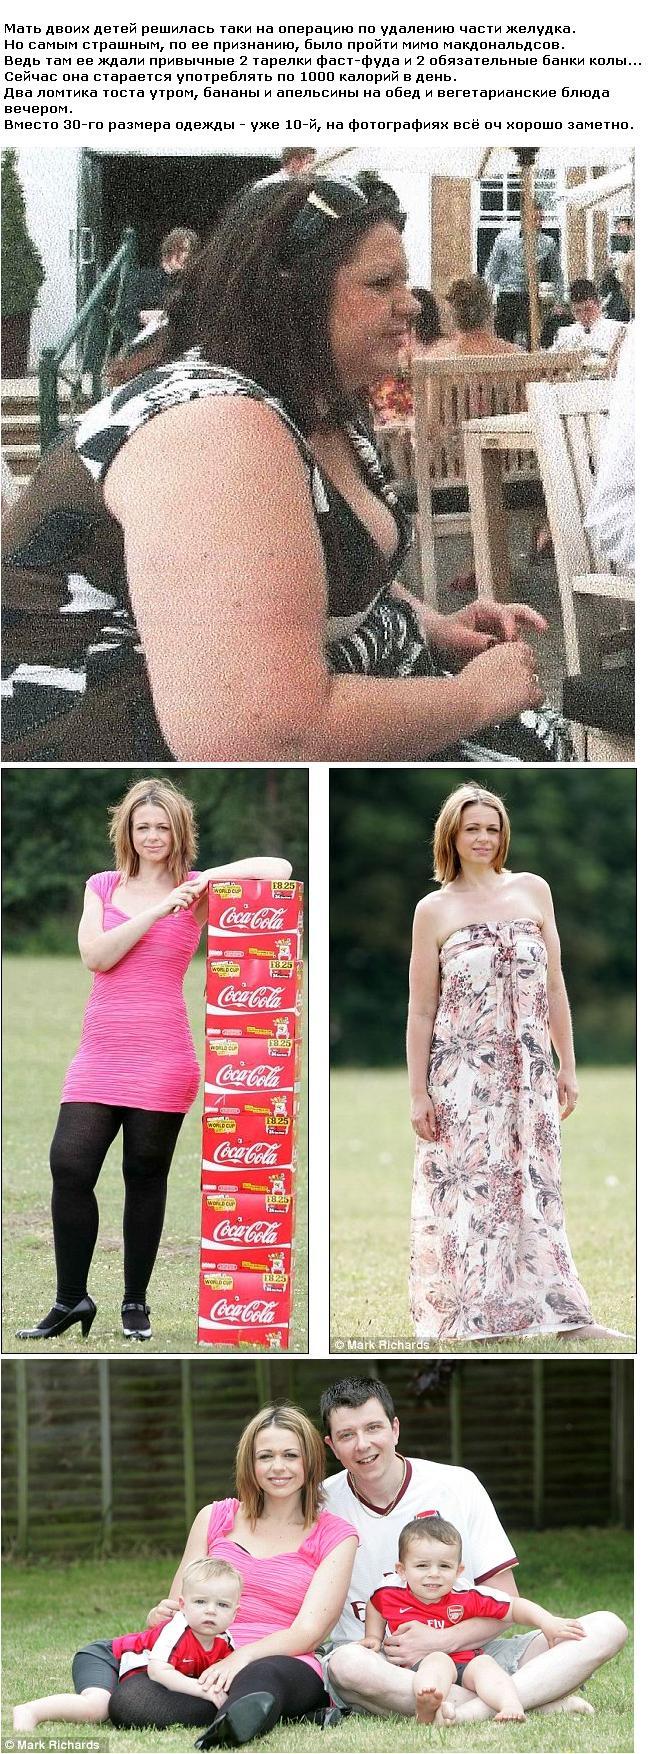 Ещё одна история одного похудания